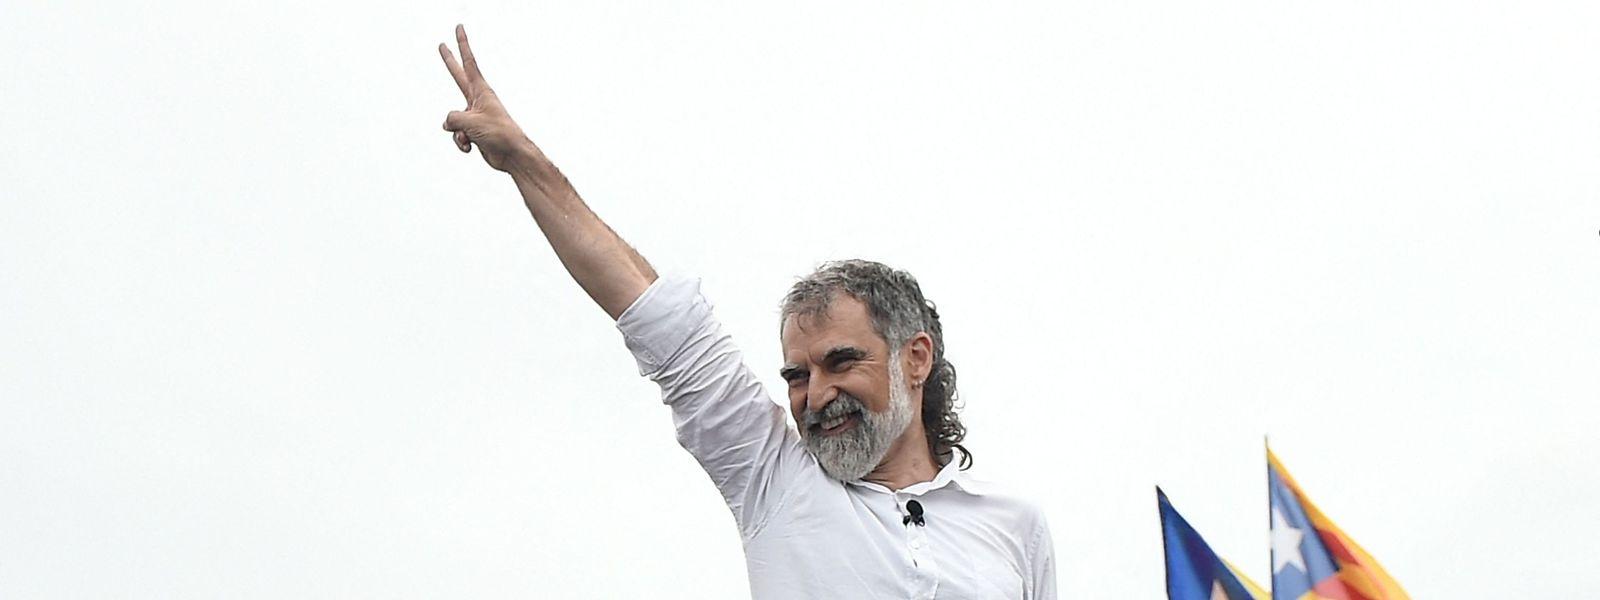 Der Separatist Jordi Cuixart reckt nach seiner Freilassung aus dem Gefängnis die Hand zum Victory-Zeichen gen Himmel.